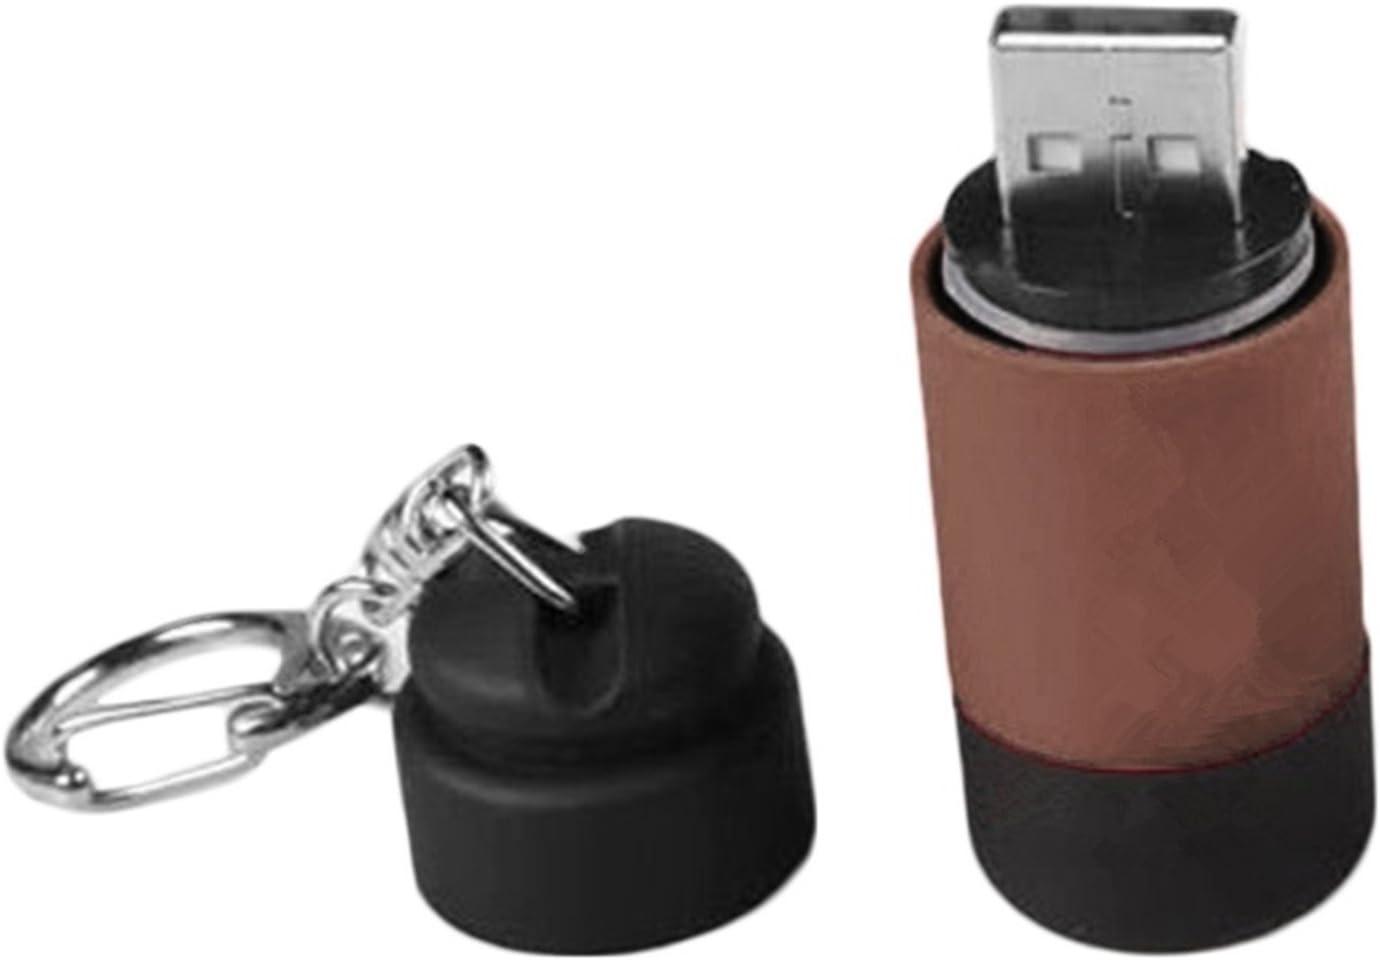 25LM CAOLATOR LED USB Cl/é Lampe Torche,Keychain Mini USB Flashlight,Poche Portable Porte-cl/é Rechargeable Etanche